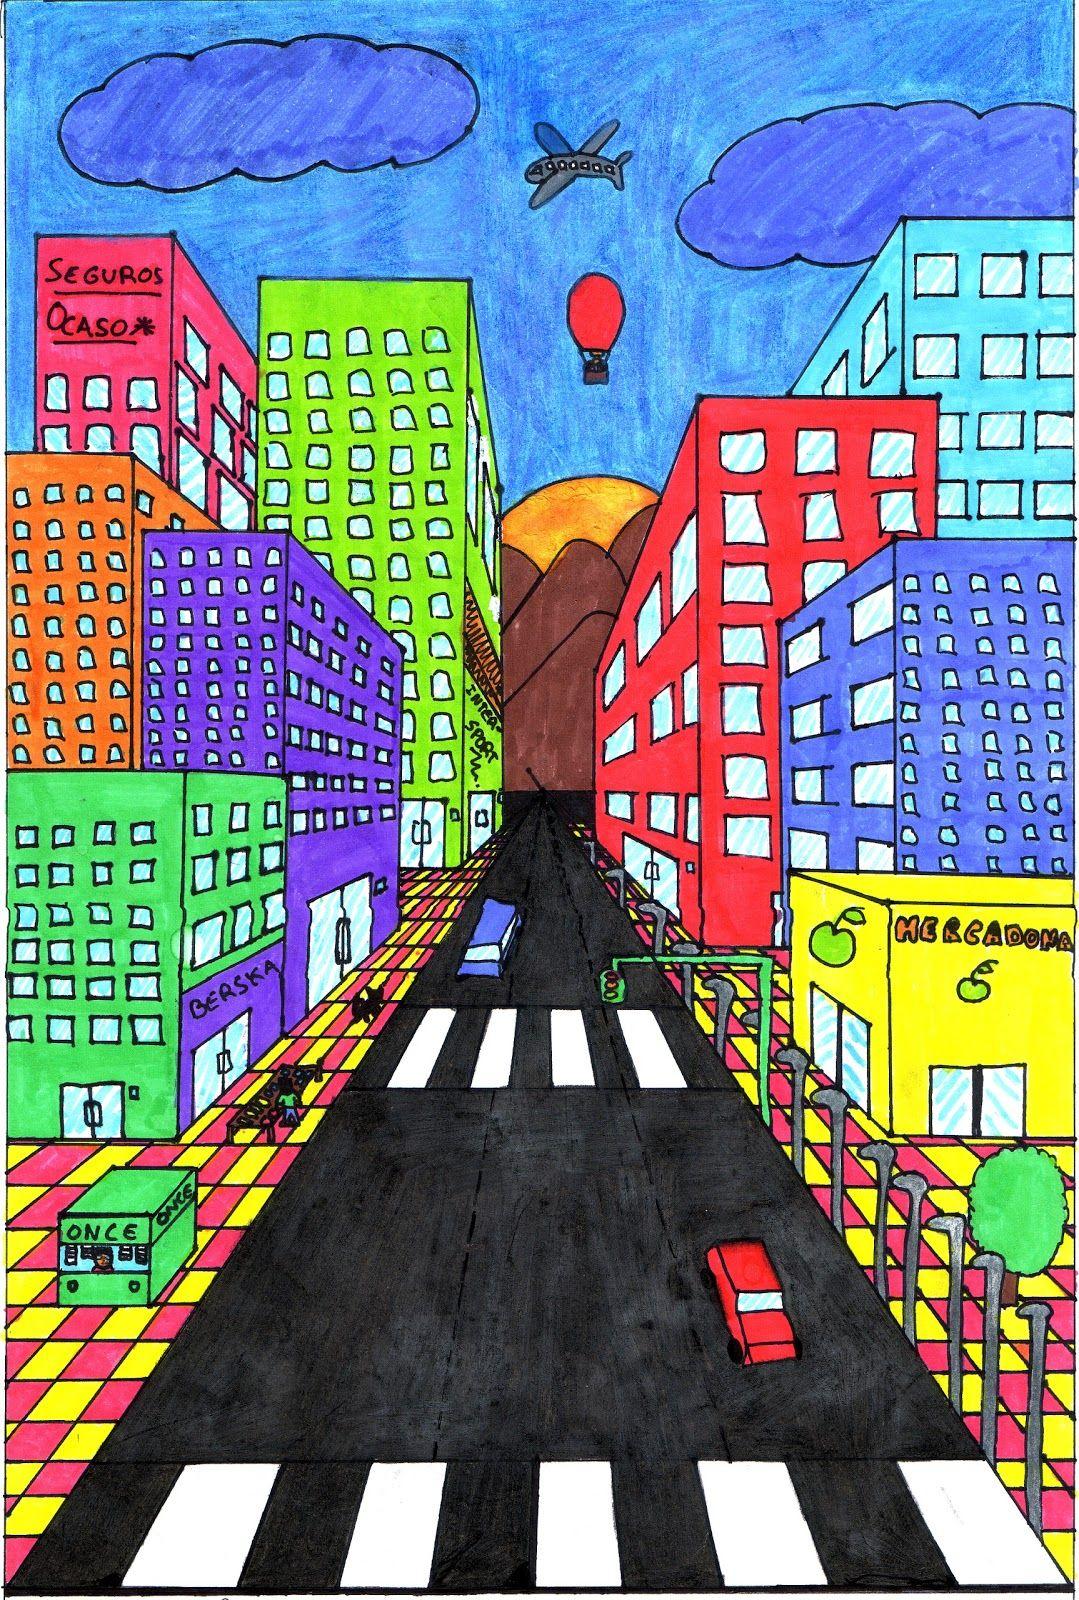 Como Dibujar Una Calle En Perspectiva Conica Buscar Con Google Arte En Perspectiva Dibujo Perspectiva Clases De Arte Para Ninos